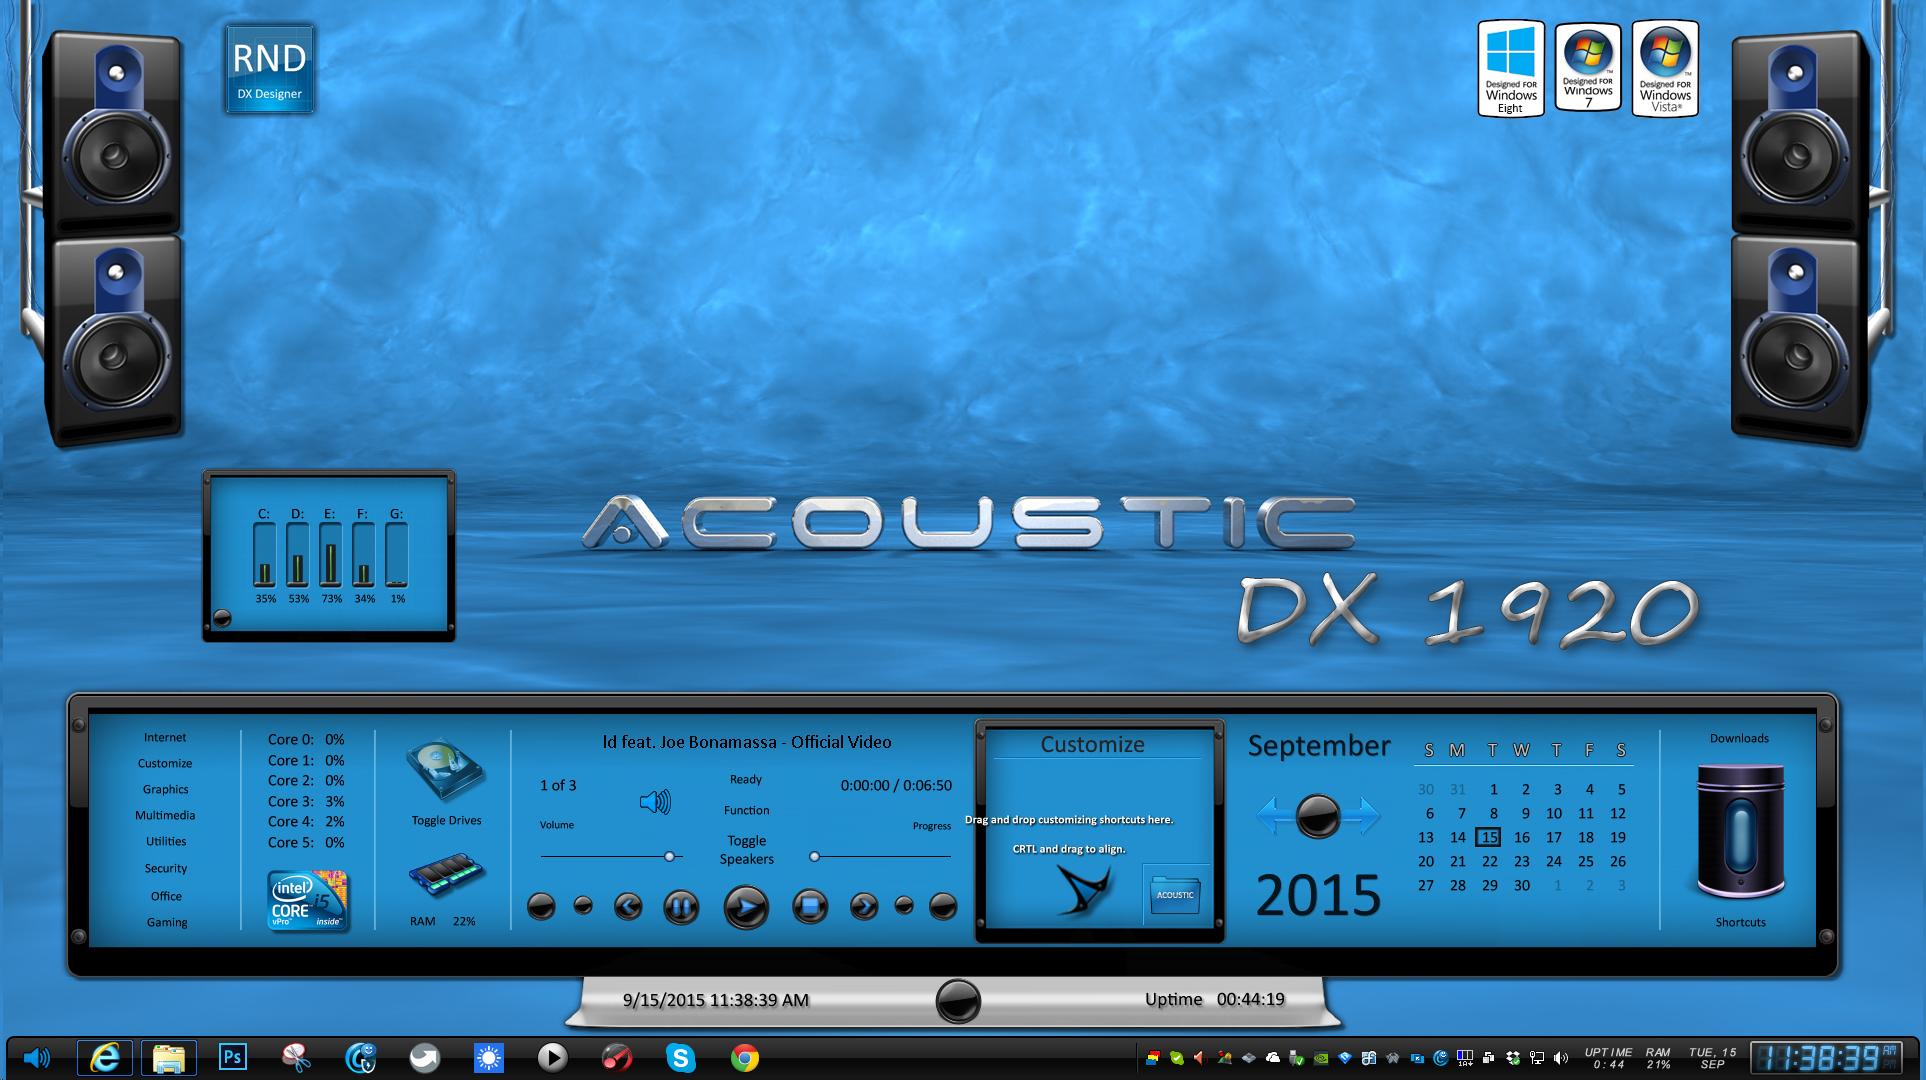 Acoustic DX 1920